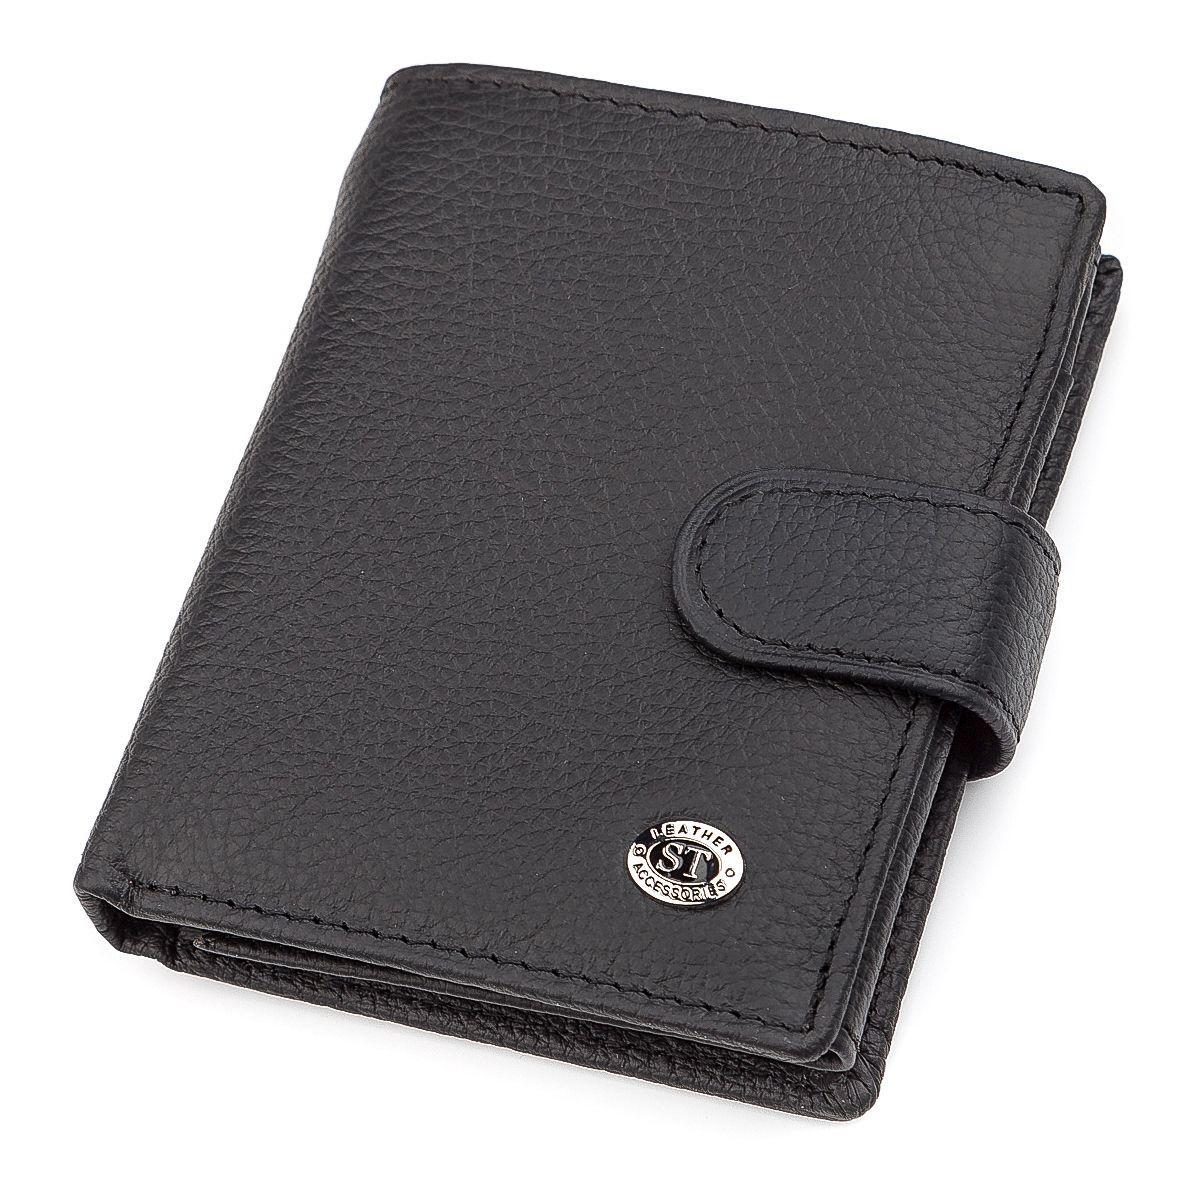 Чоловічий гаманець ST Leather 18496 (ST132) натуральна шкіра чорний